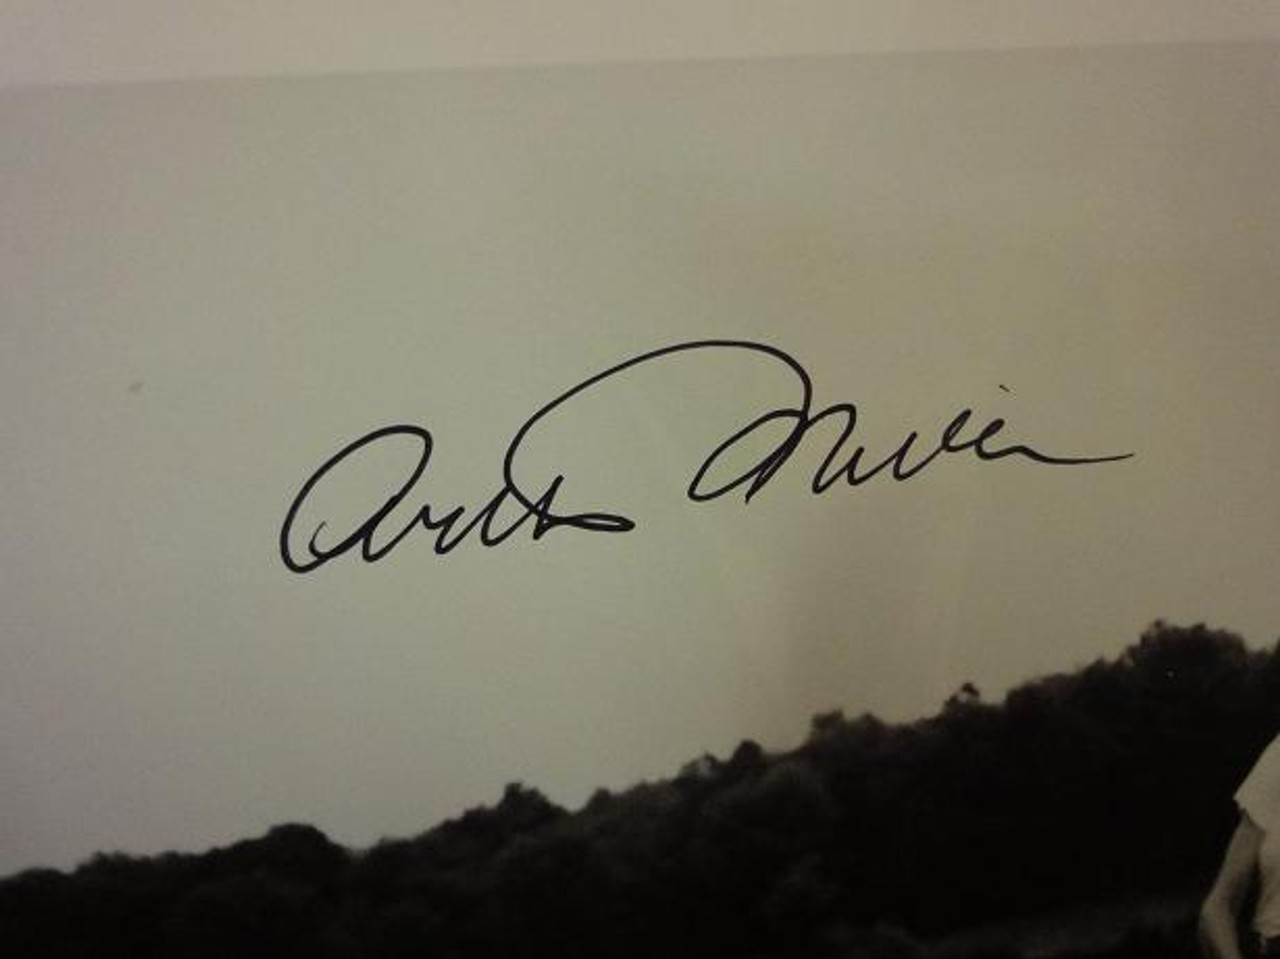 Miller, Arthur Photo Signed Autograph